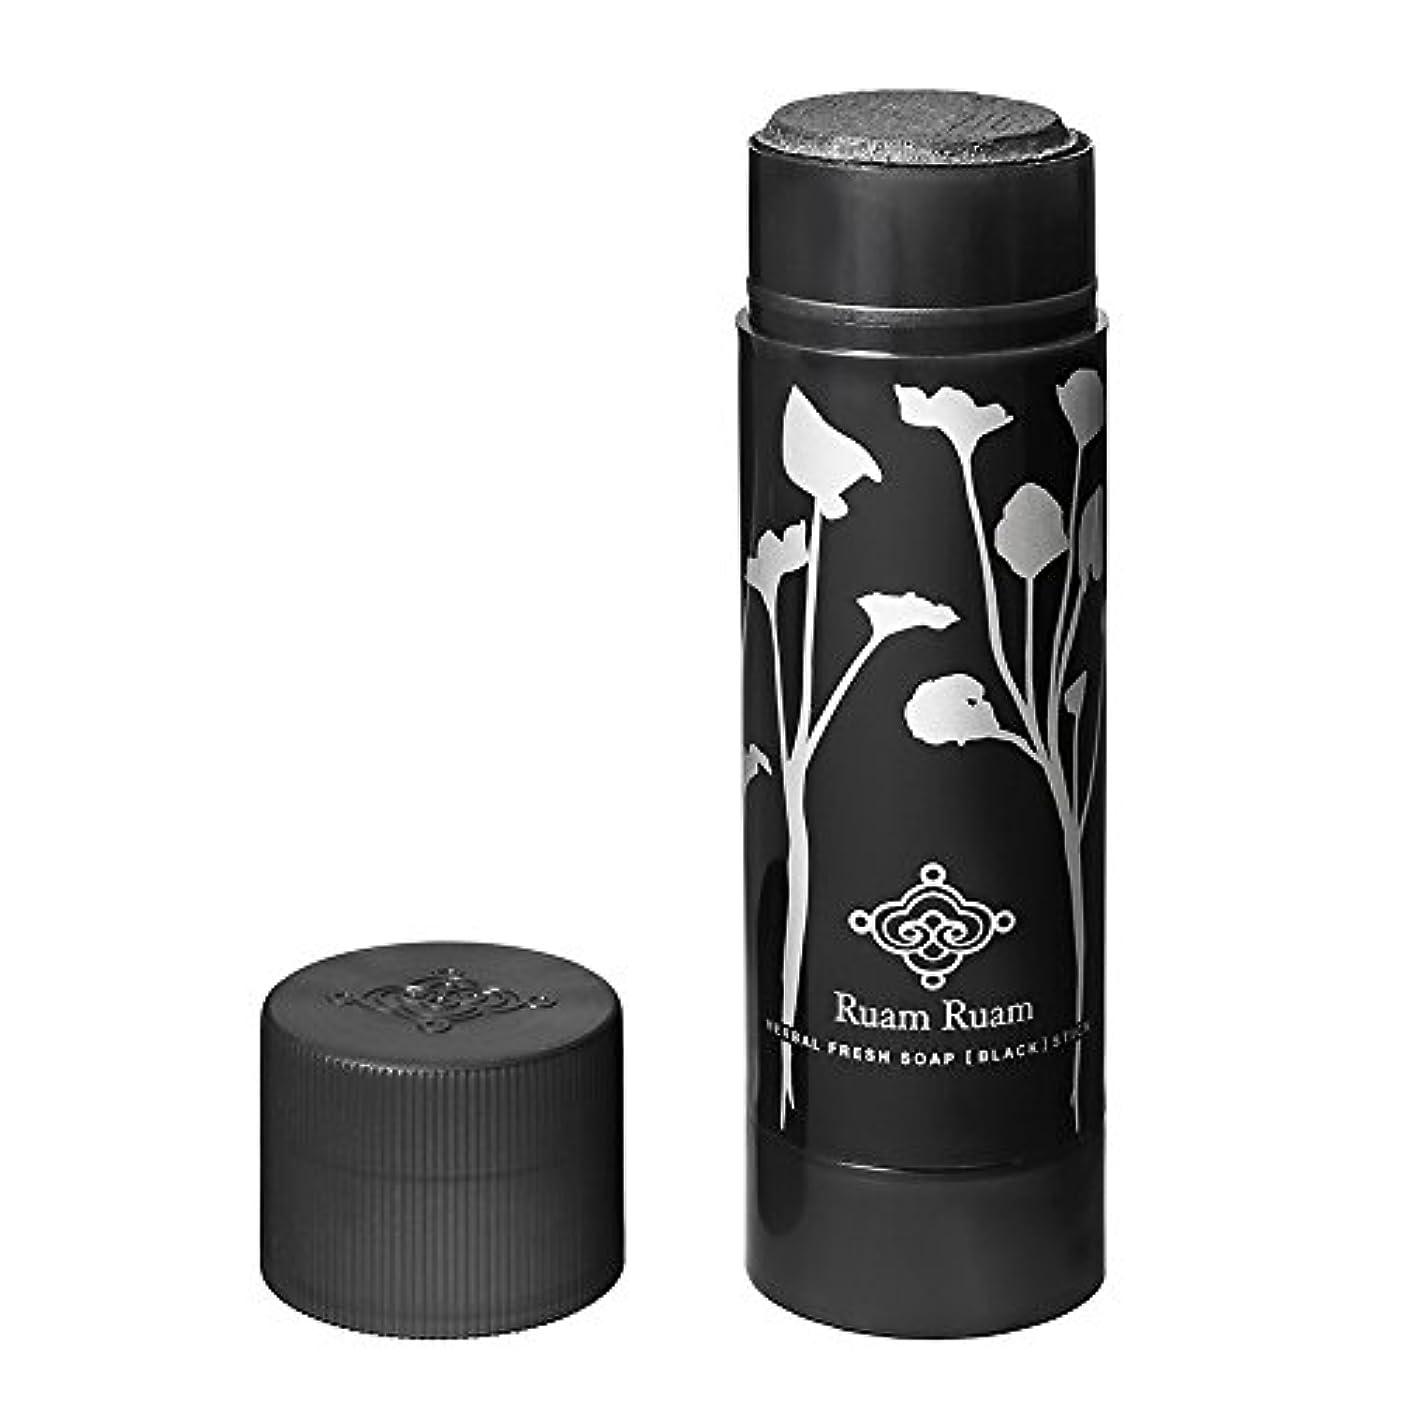 インサート制約刺繍ルアンルアン(Ruam Ruam) 洗顔石鹸(黒) 90g